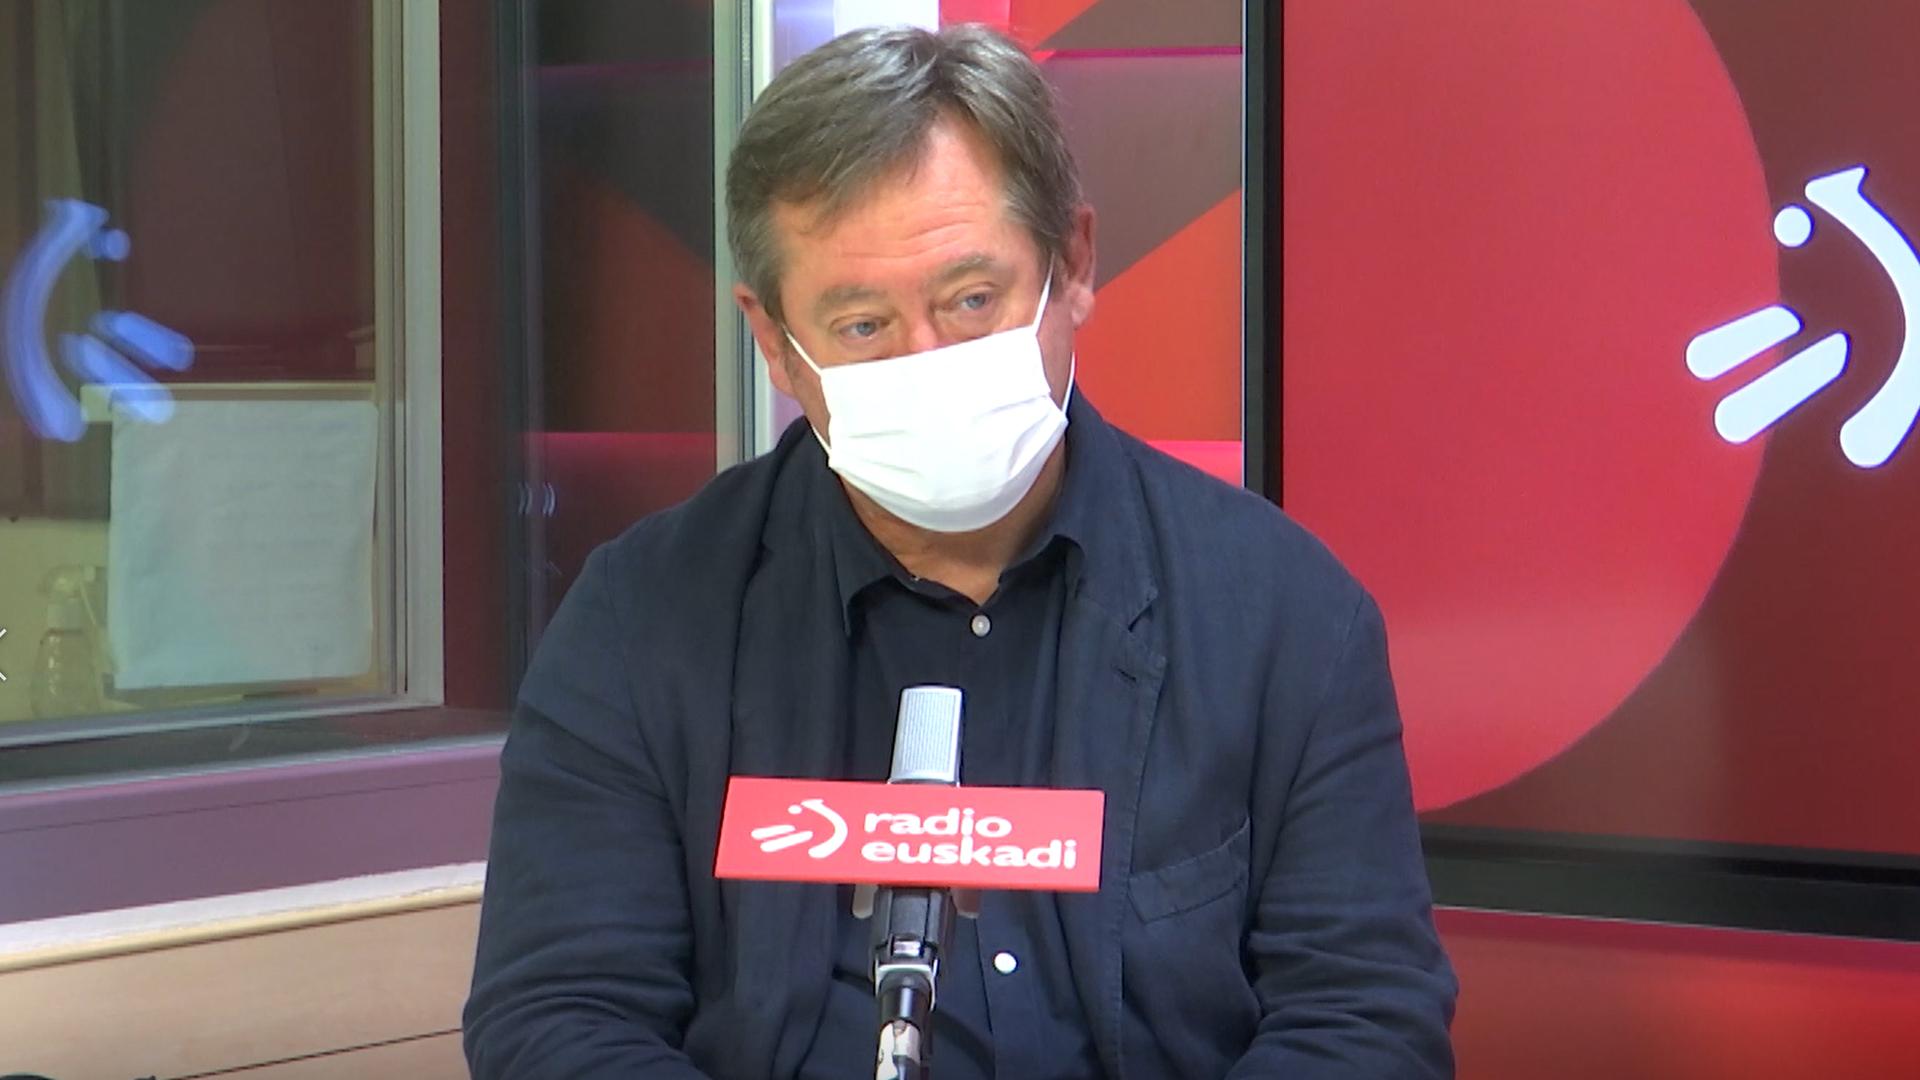 Entrevista a Bingen Zupiria en Radio Euskadi [35:33]